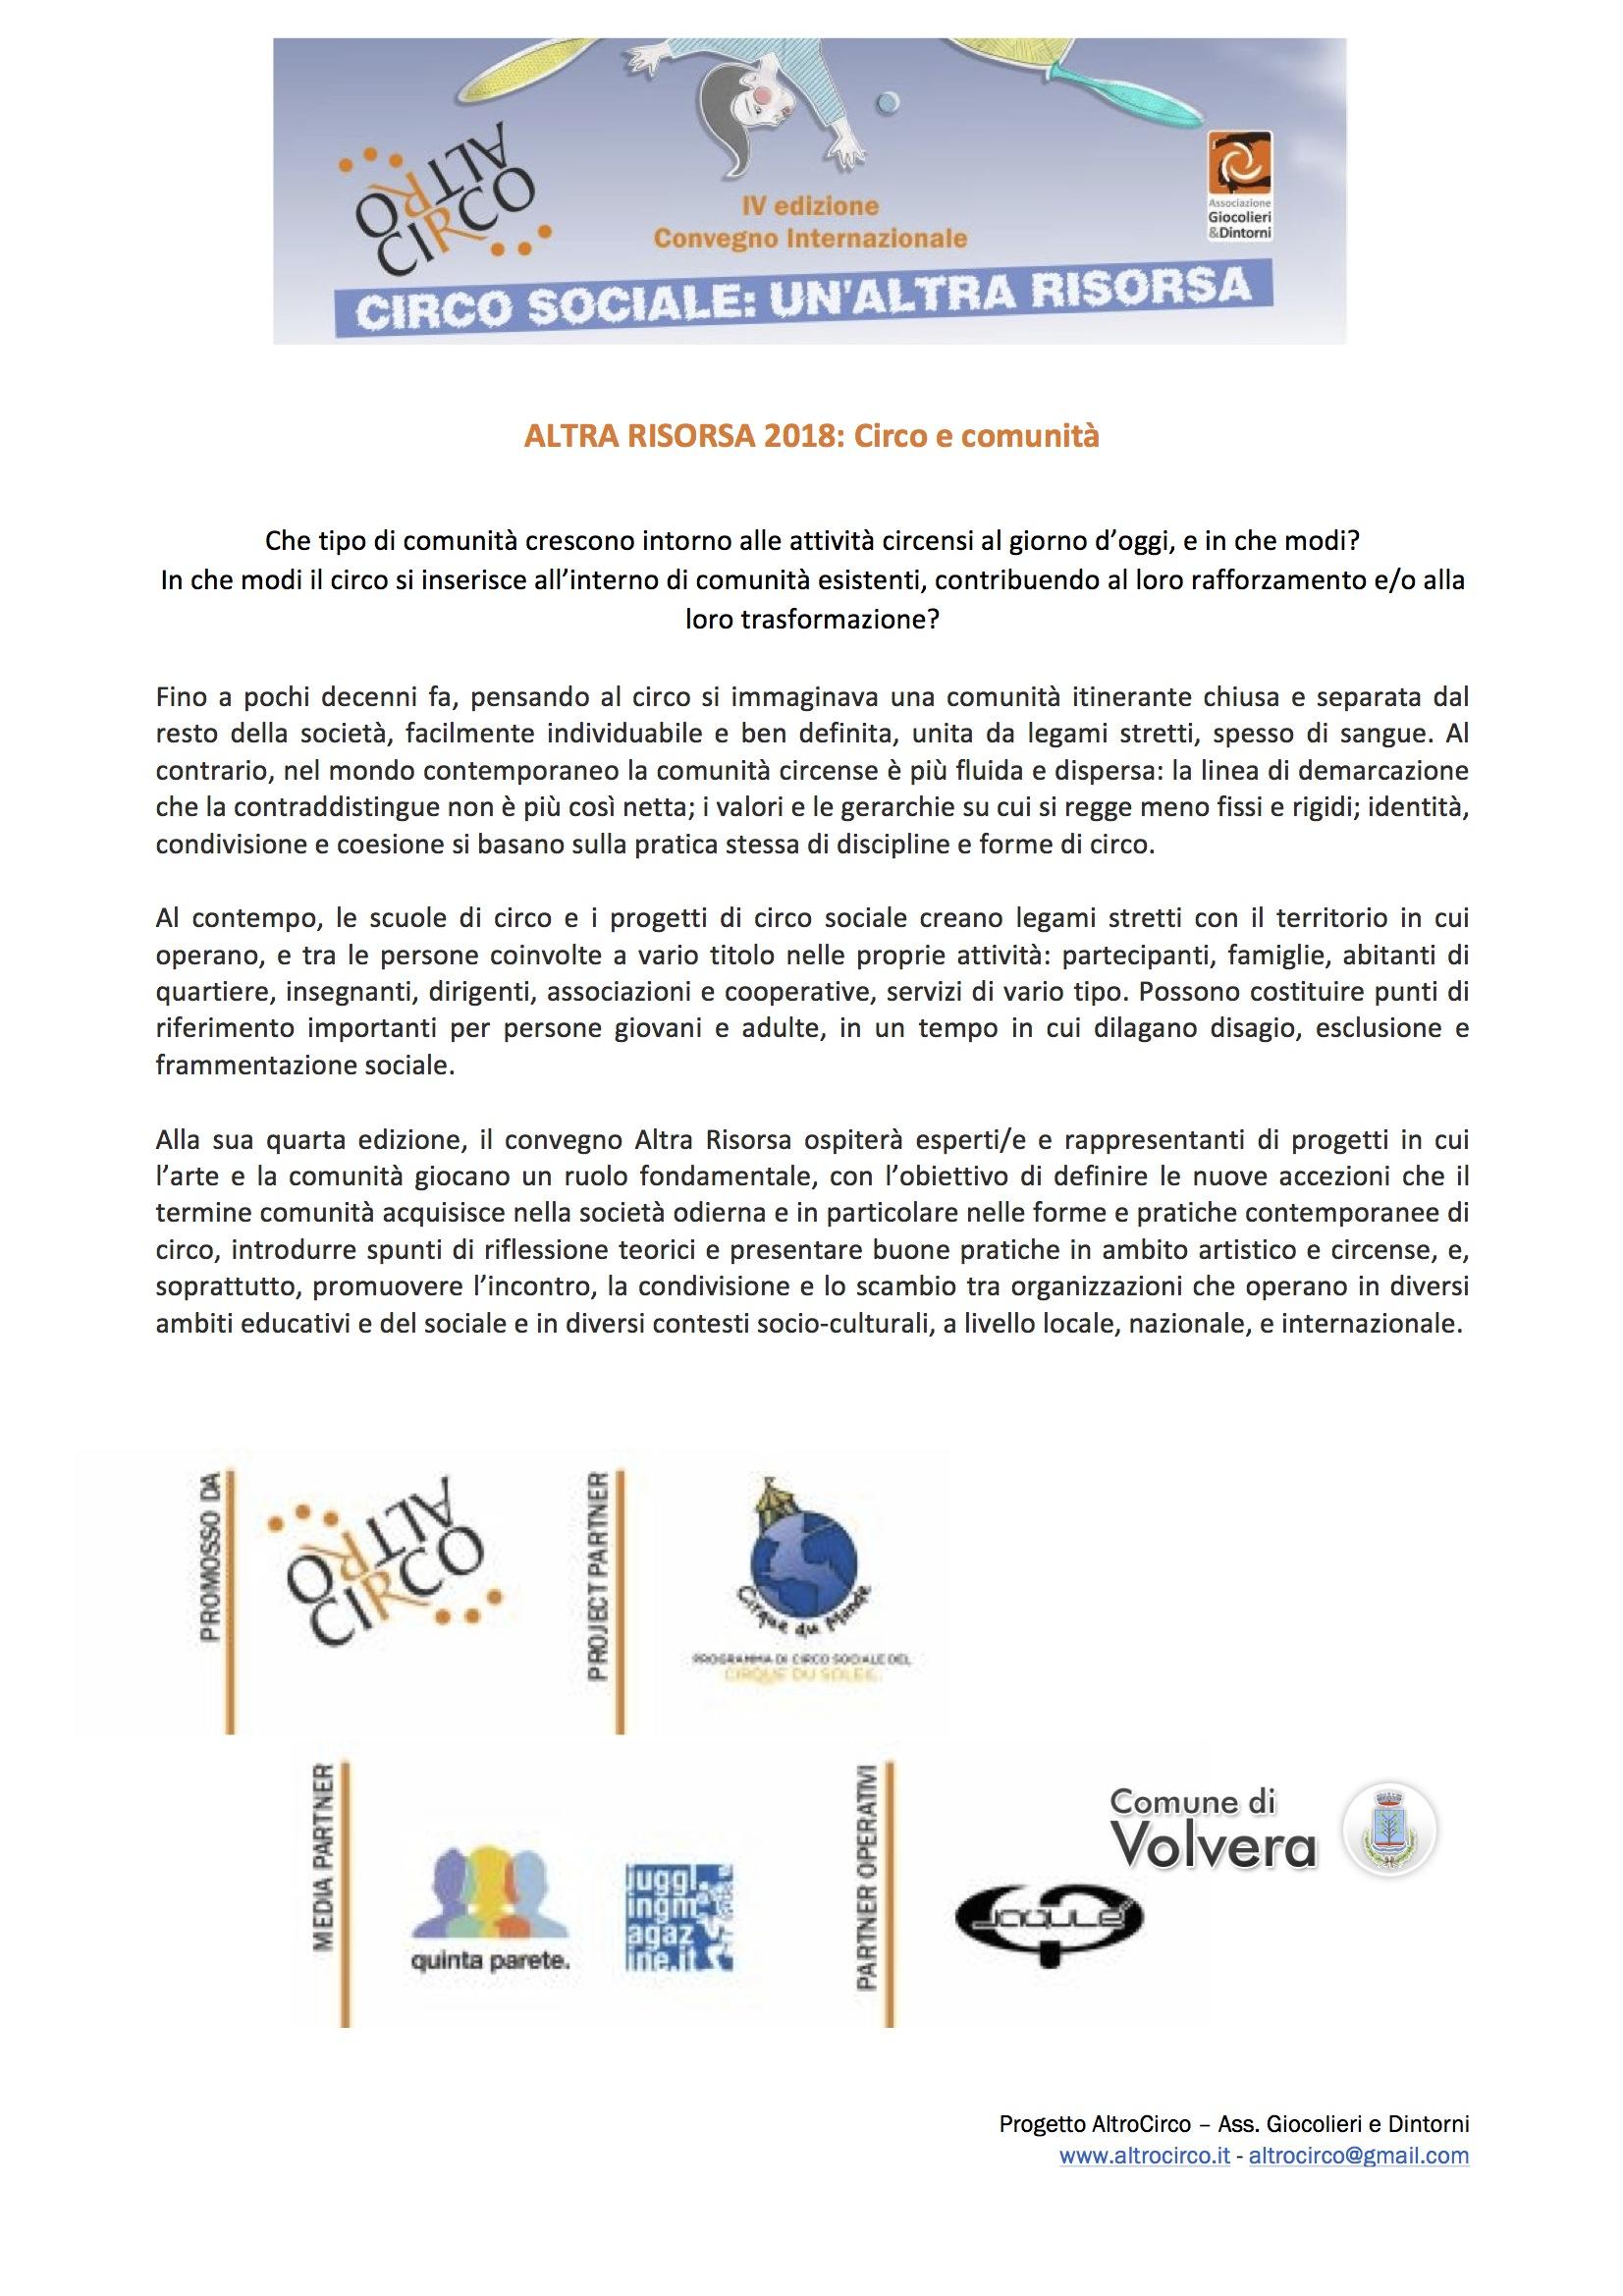 Presentazione AltraRisorsa 2018 - provvisorio 2